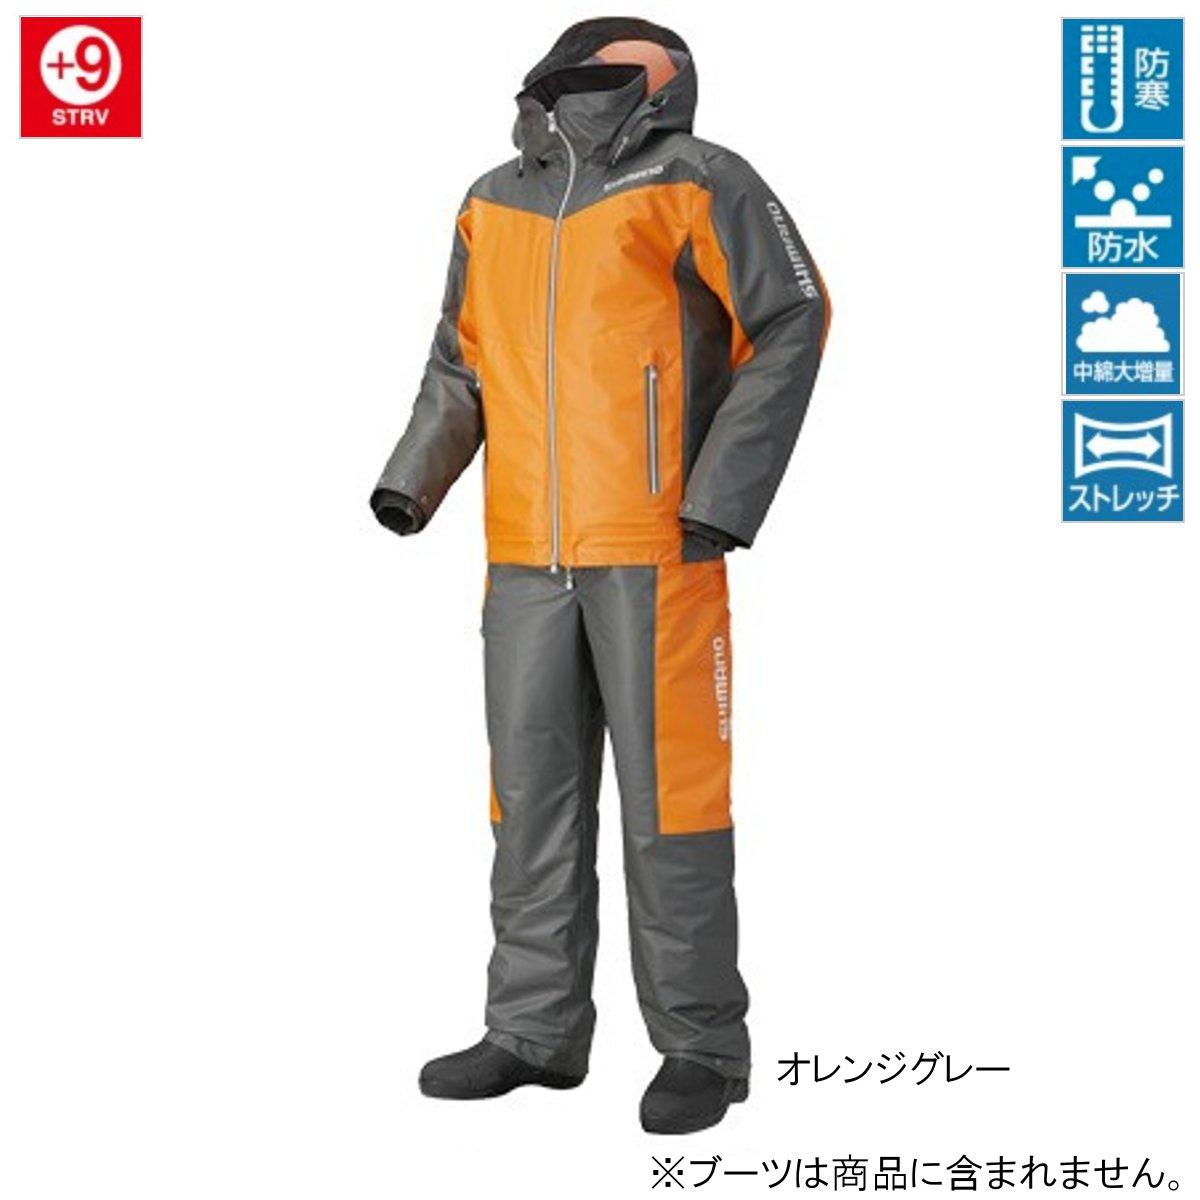 シマノ マリンコールドウェザースーツ EX RB-035N L オレンジグレー(東日本店)